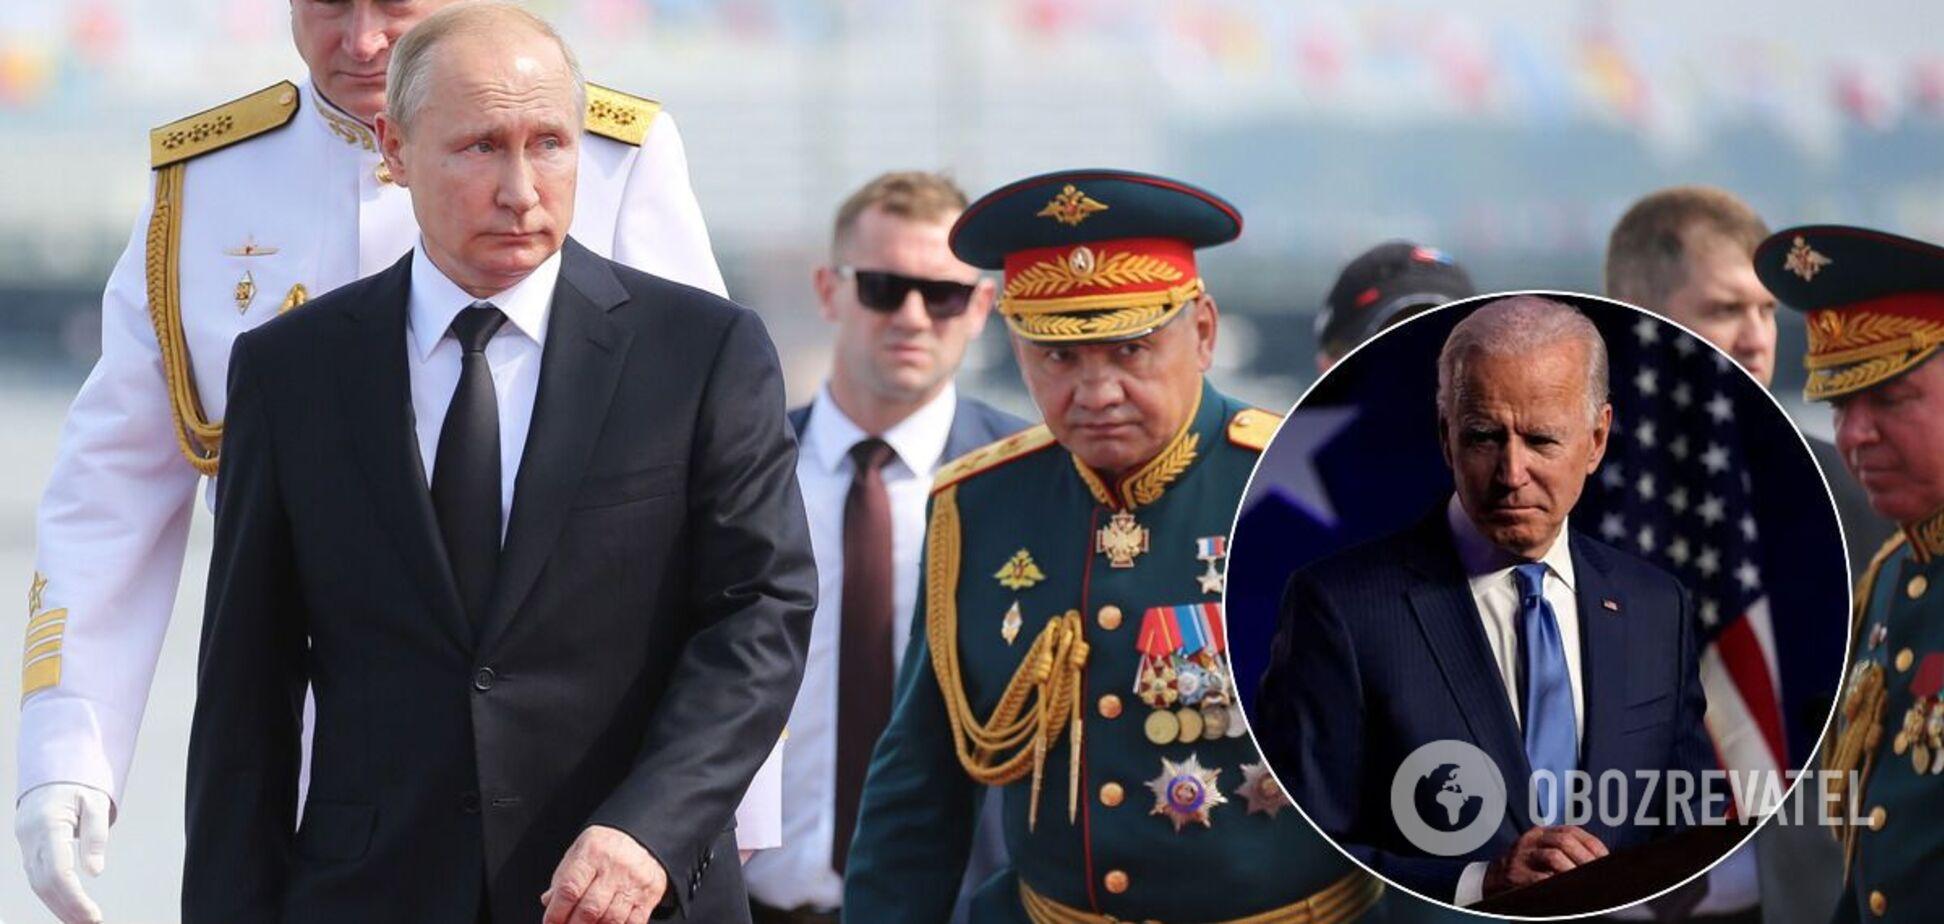 Сможет ли Байден помочь Украине на Донбассе: Тука сказал, как 'дожать' Путина